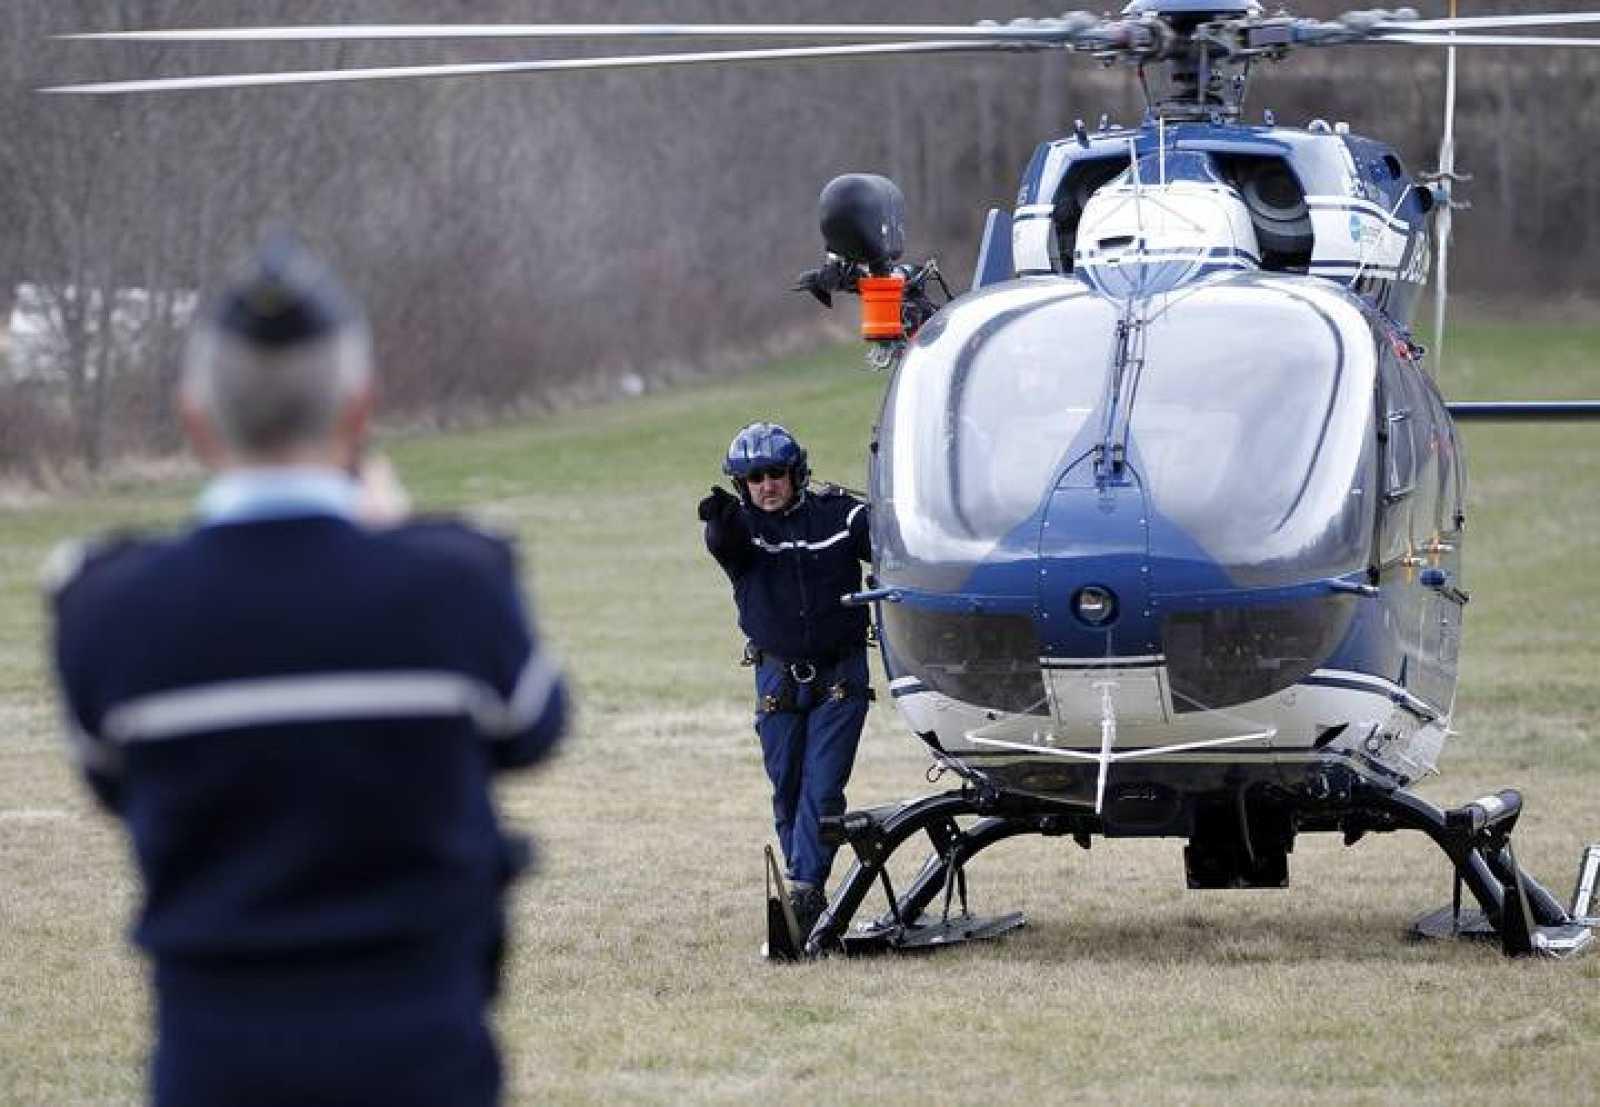 Miembros de la Gendarmería suben a un helicóptero cerca del lugar del siniestro